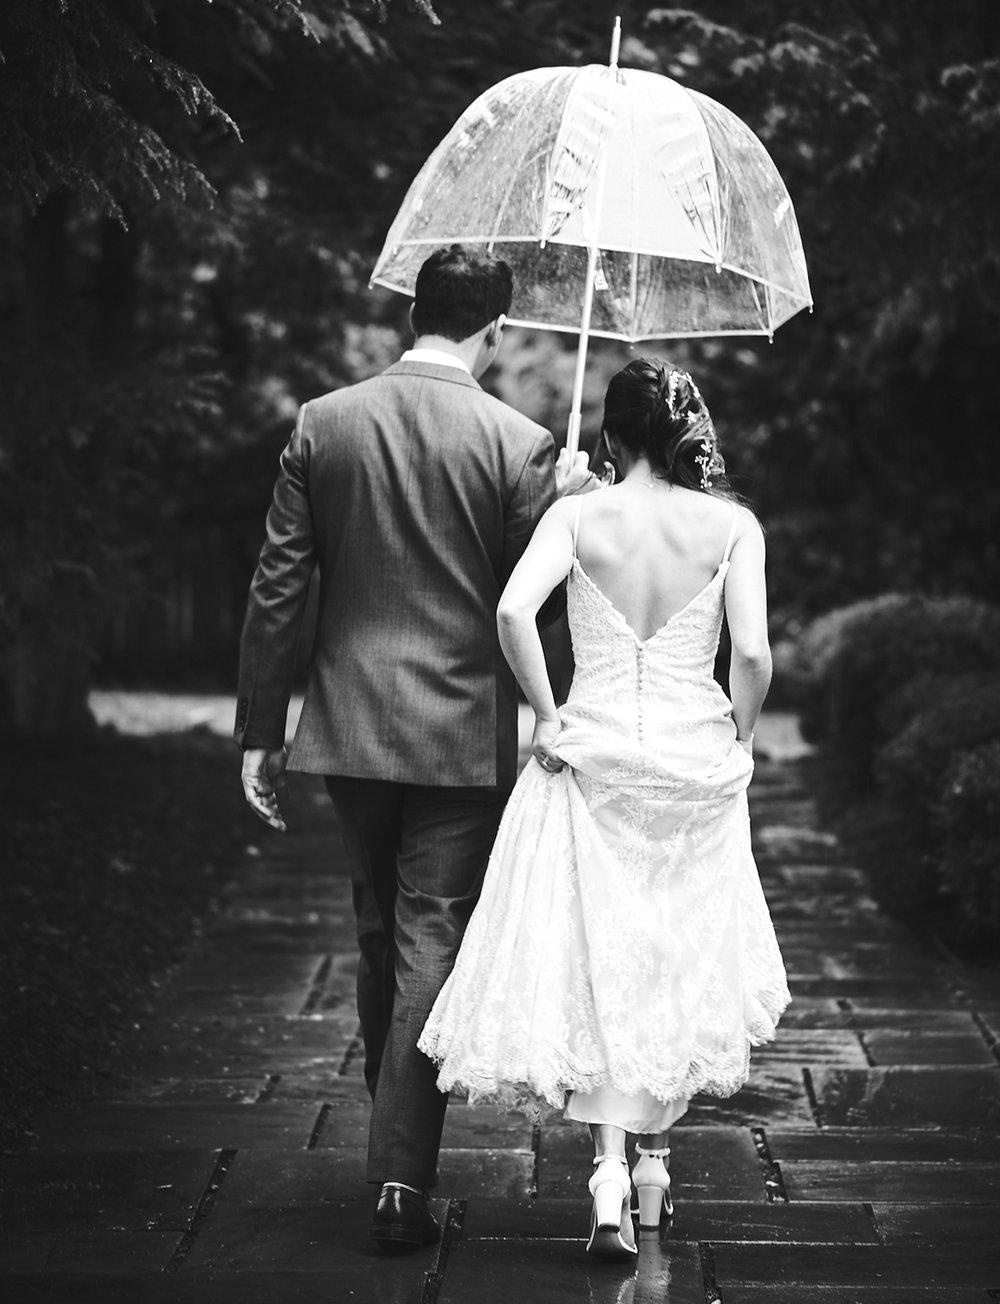 180610_TheRylandInnWeddingPhotography_RainyWeddingPhotography_By_BriJohnsonWeddings_0125.jpg